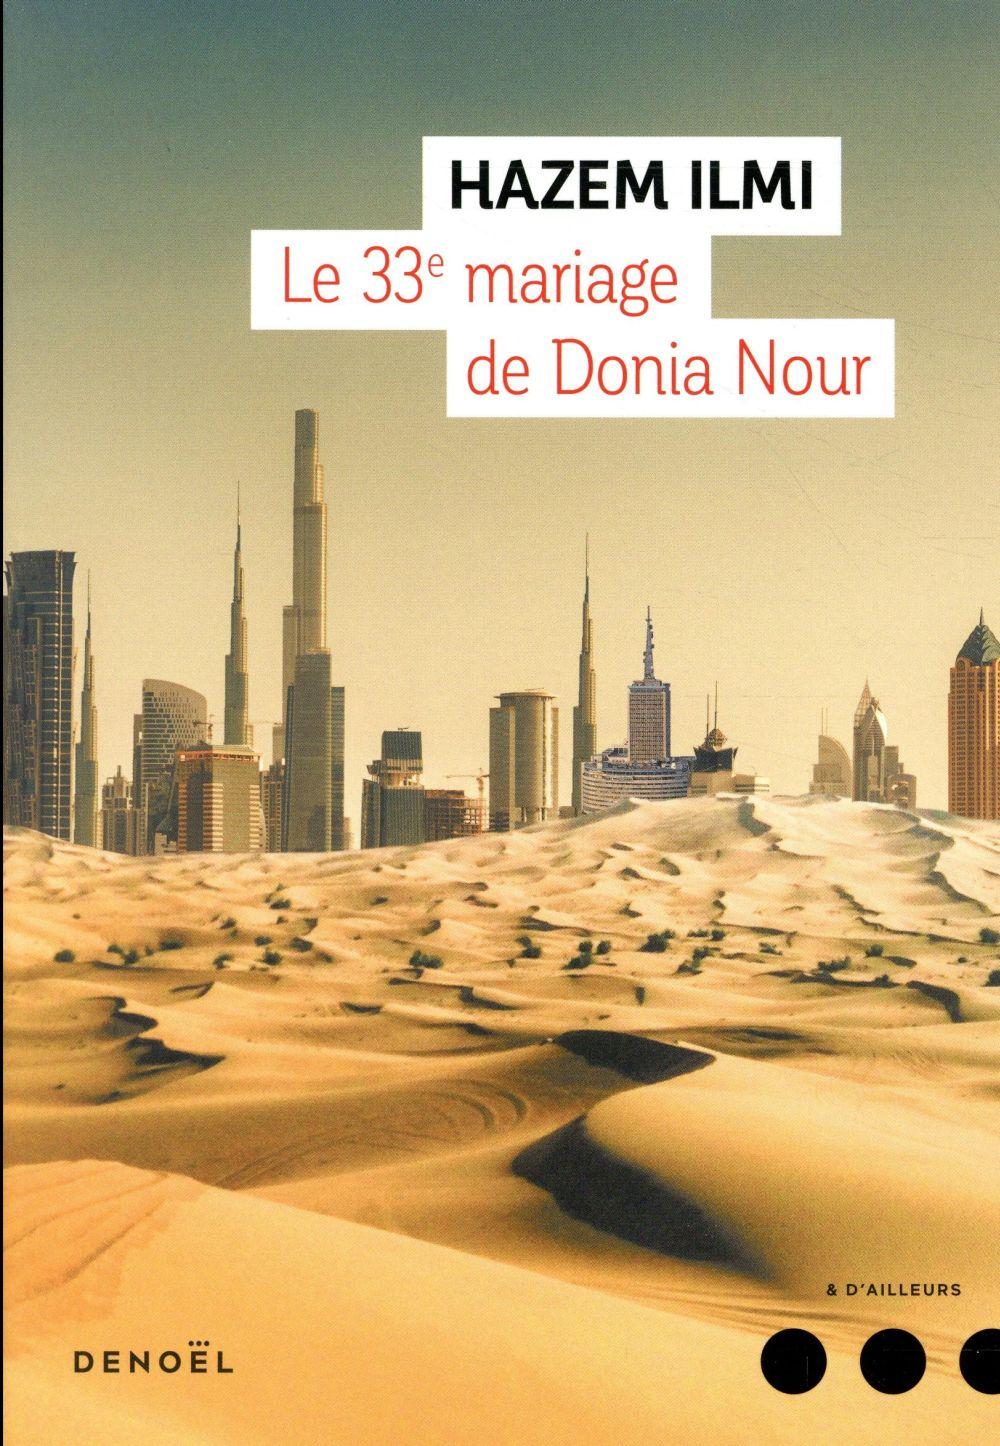 Le 33e mariage de Donia Nour